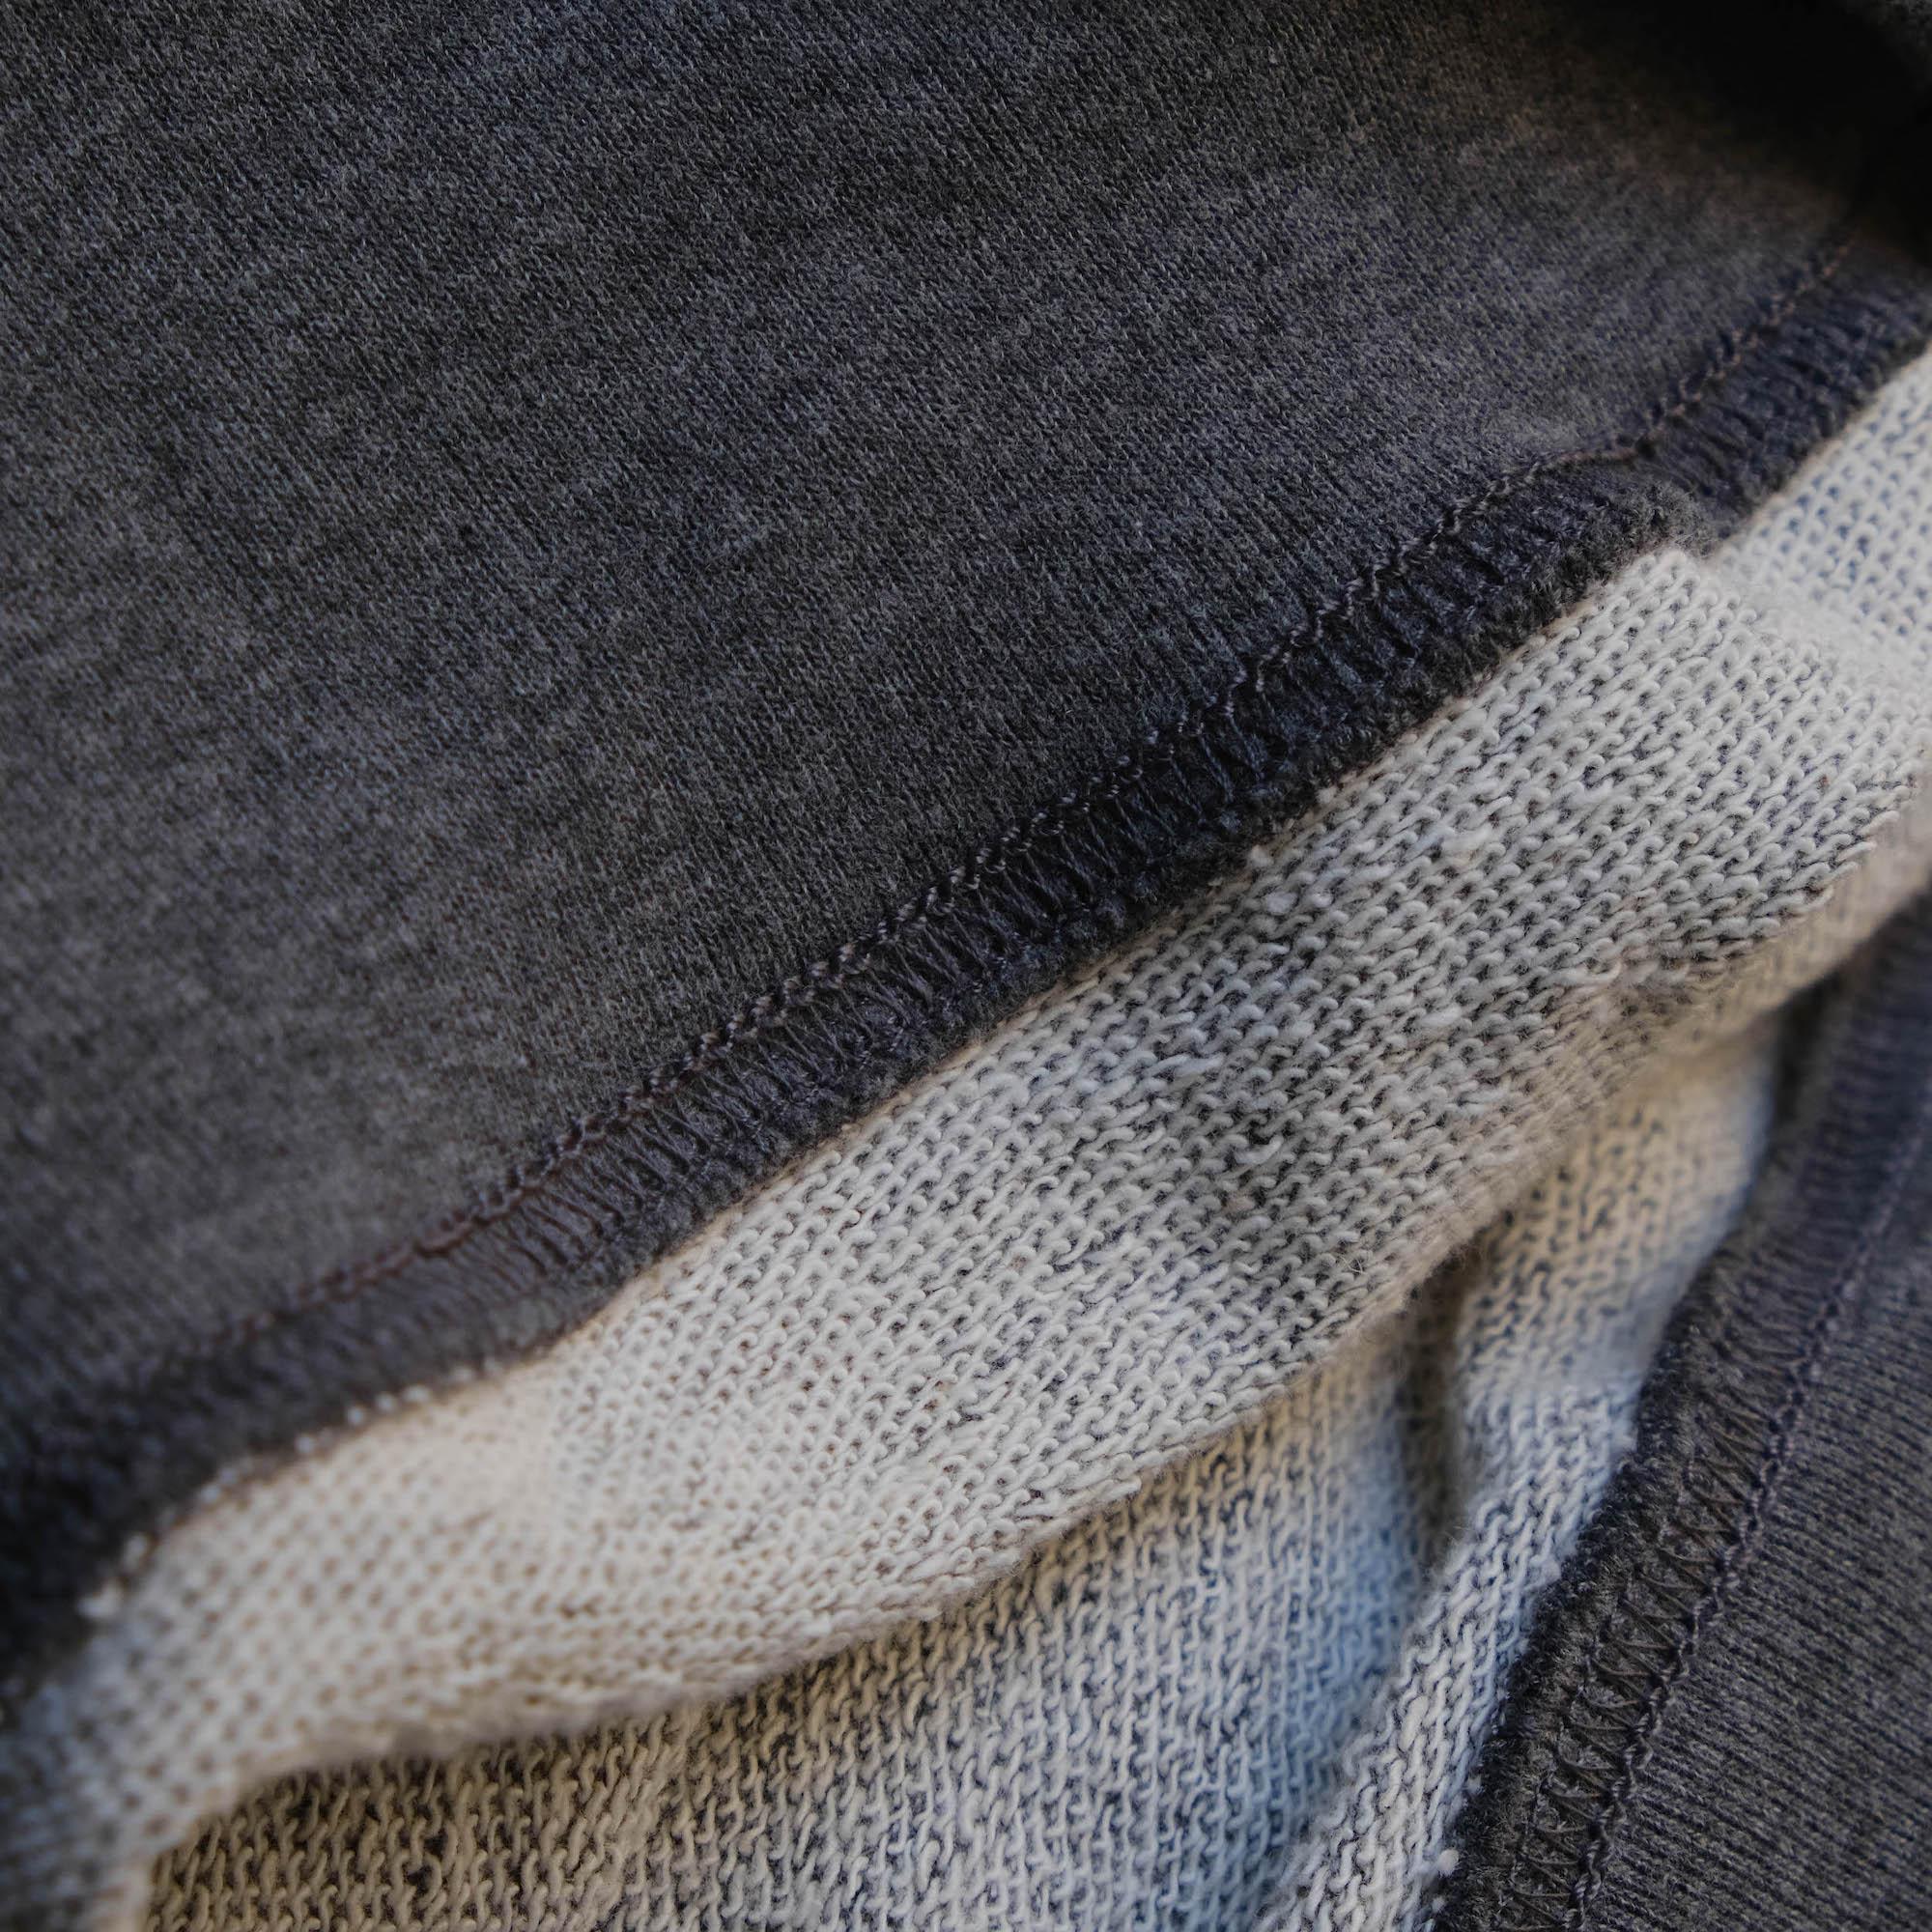 coutures-interieure-sweatshirt-forlife